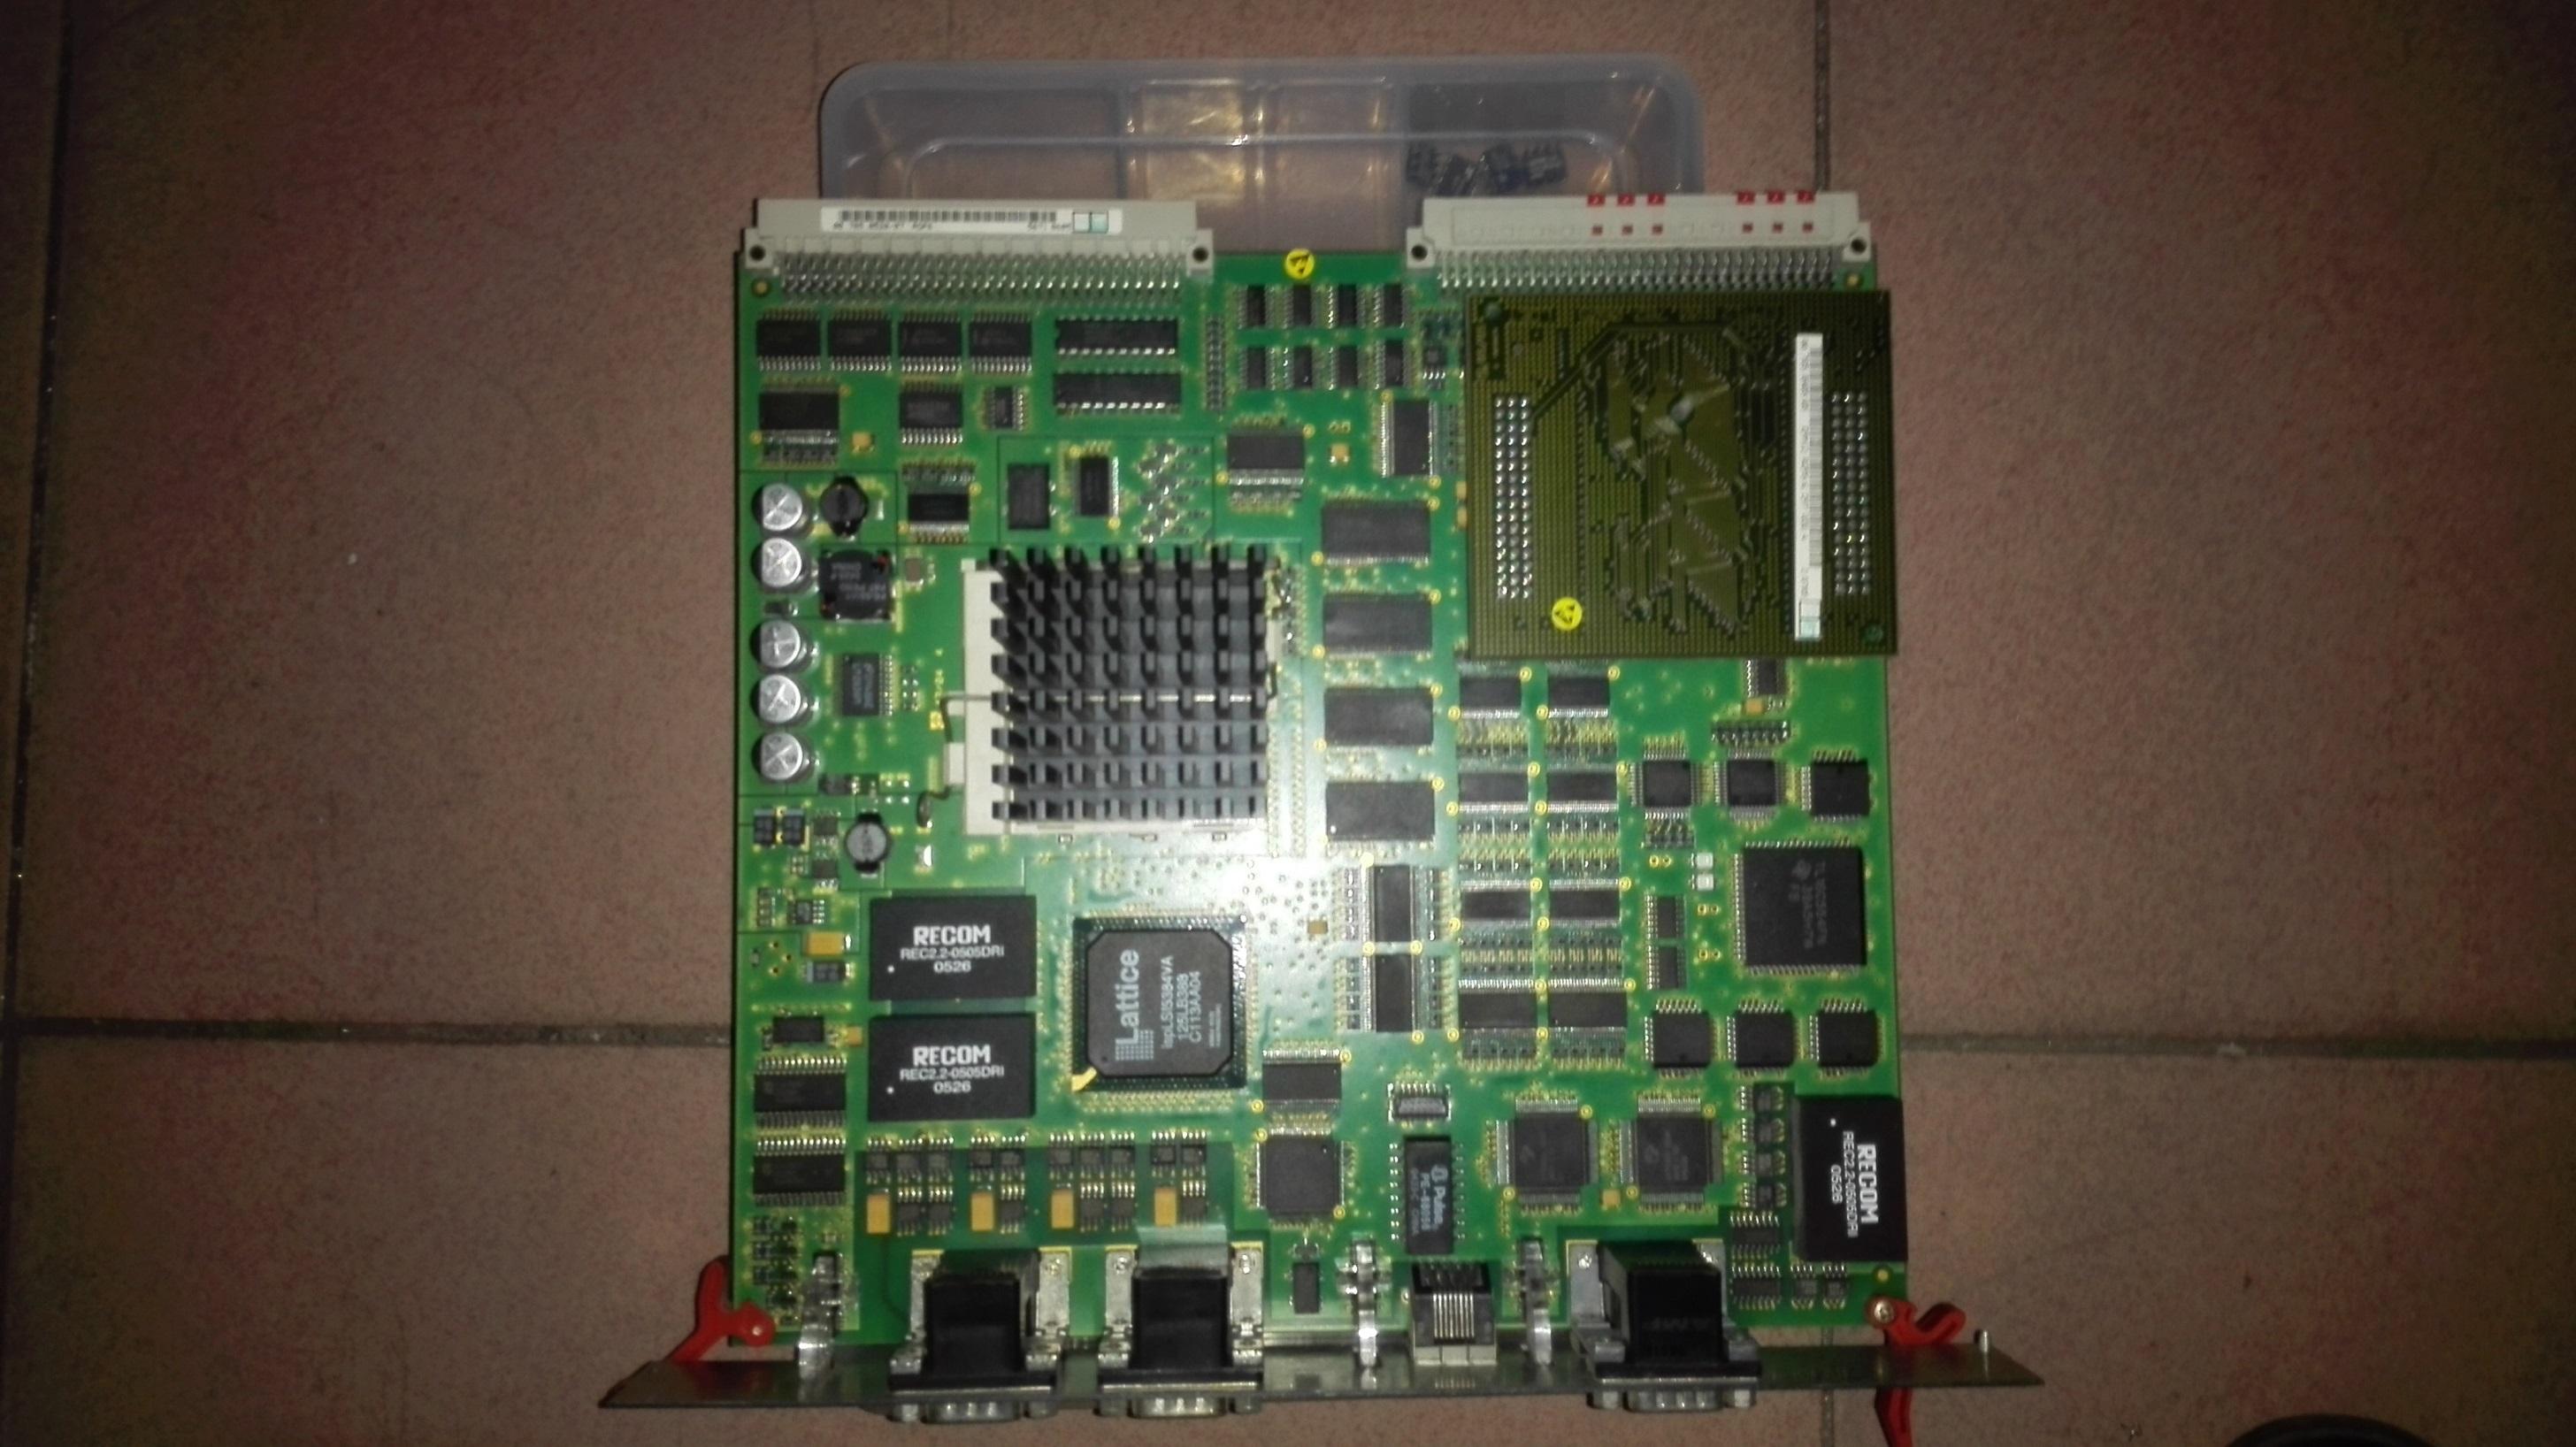 印通印刷提供海德堡电路板维修服务:东莞海德堡电路